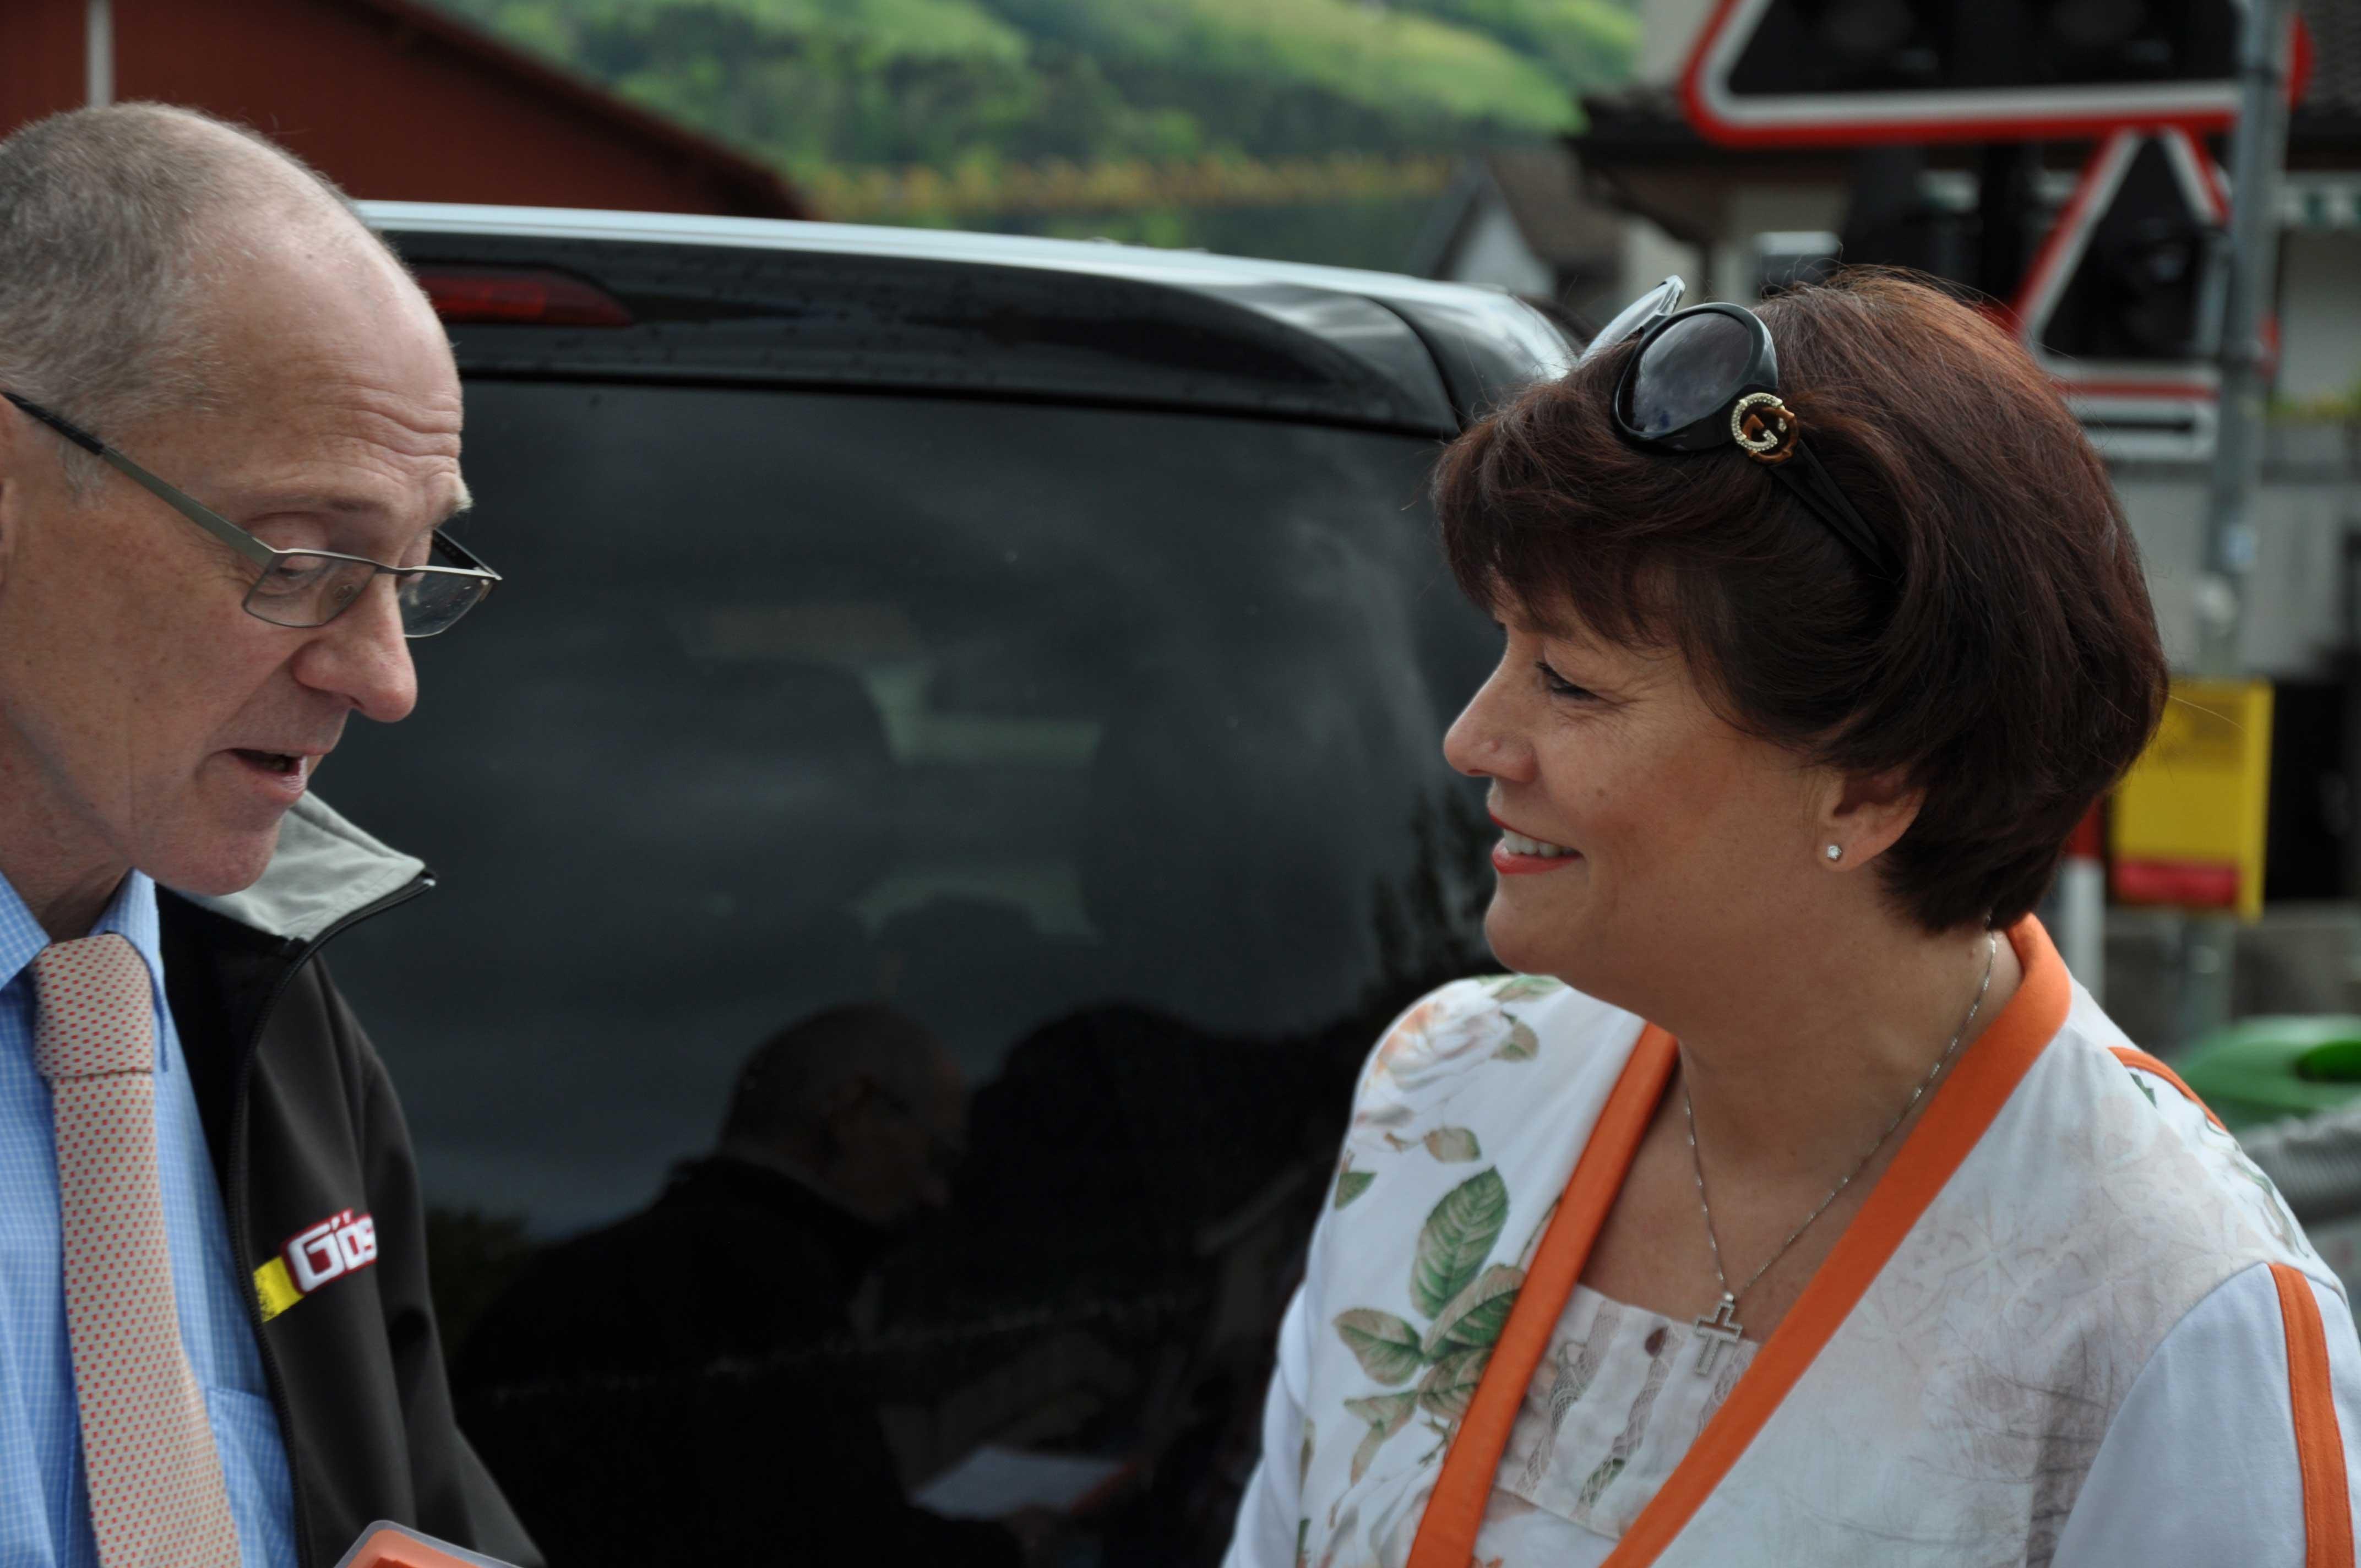 Senioren-Muttertag: Gespräch mit Chauffeur von Carreisen Gössi